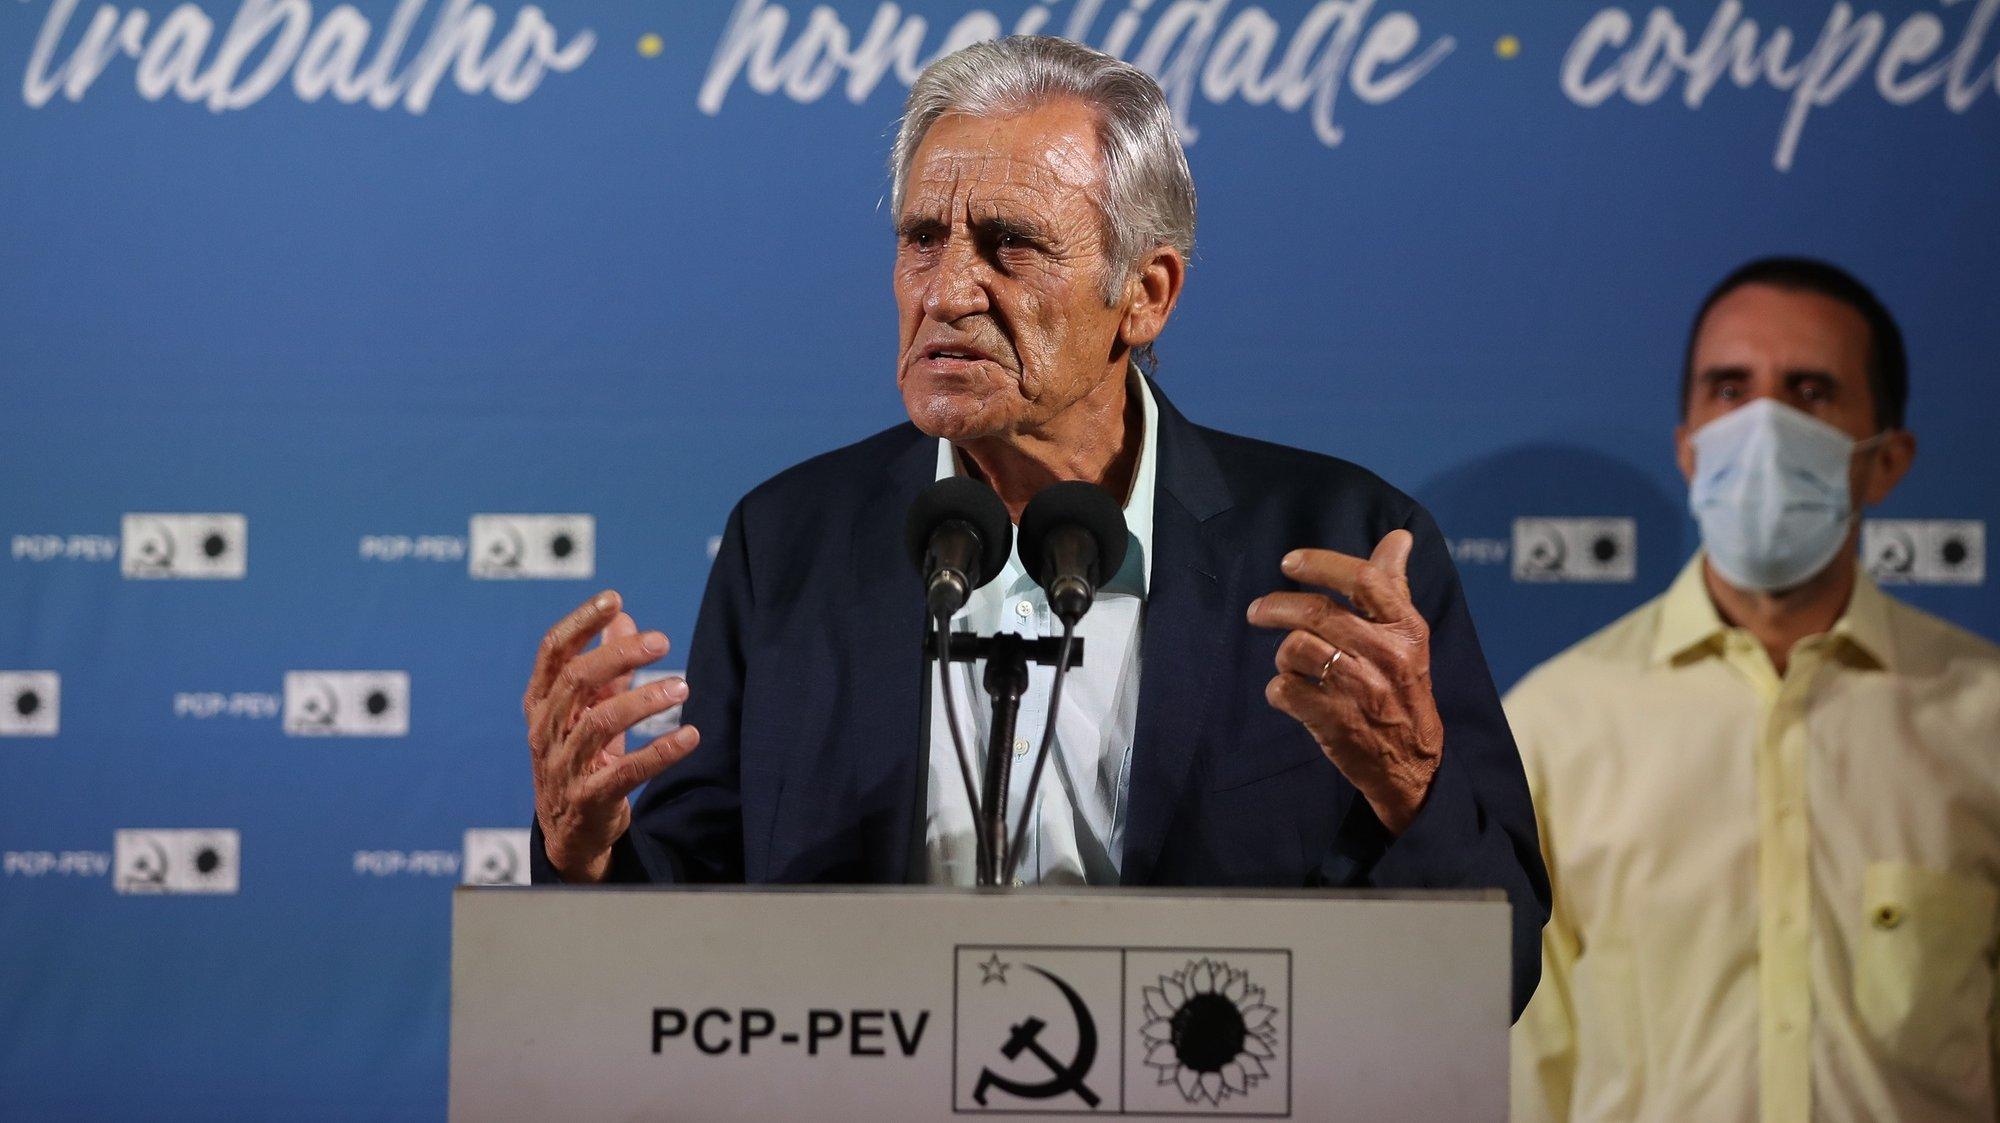 O secretário-geral do Partido Comunista Português (PCP), Jerónimo de Sousa, intervém durante a sessão de apresentação dos candidatos às Câmaras Municipais do distrito de Coimbra, nas eleições autárquicas, Praça 8 de Maio, Coimbra, 20 de agosto de 2021. PAULO NOVAIS/LUSA